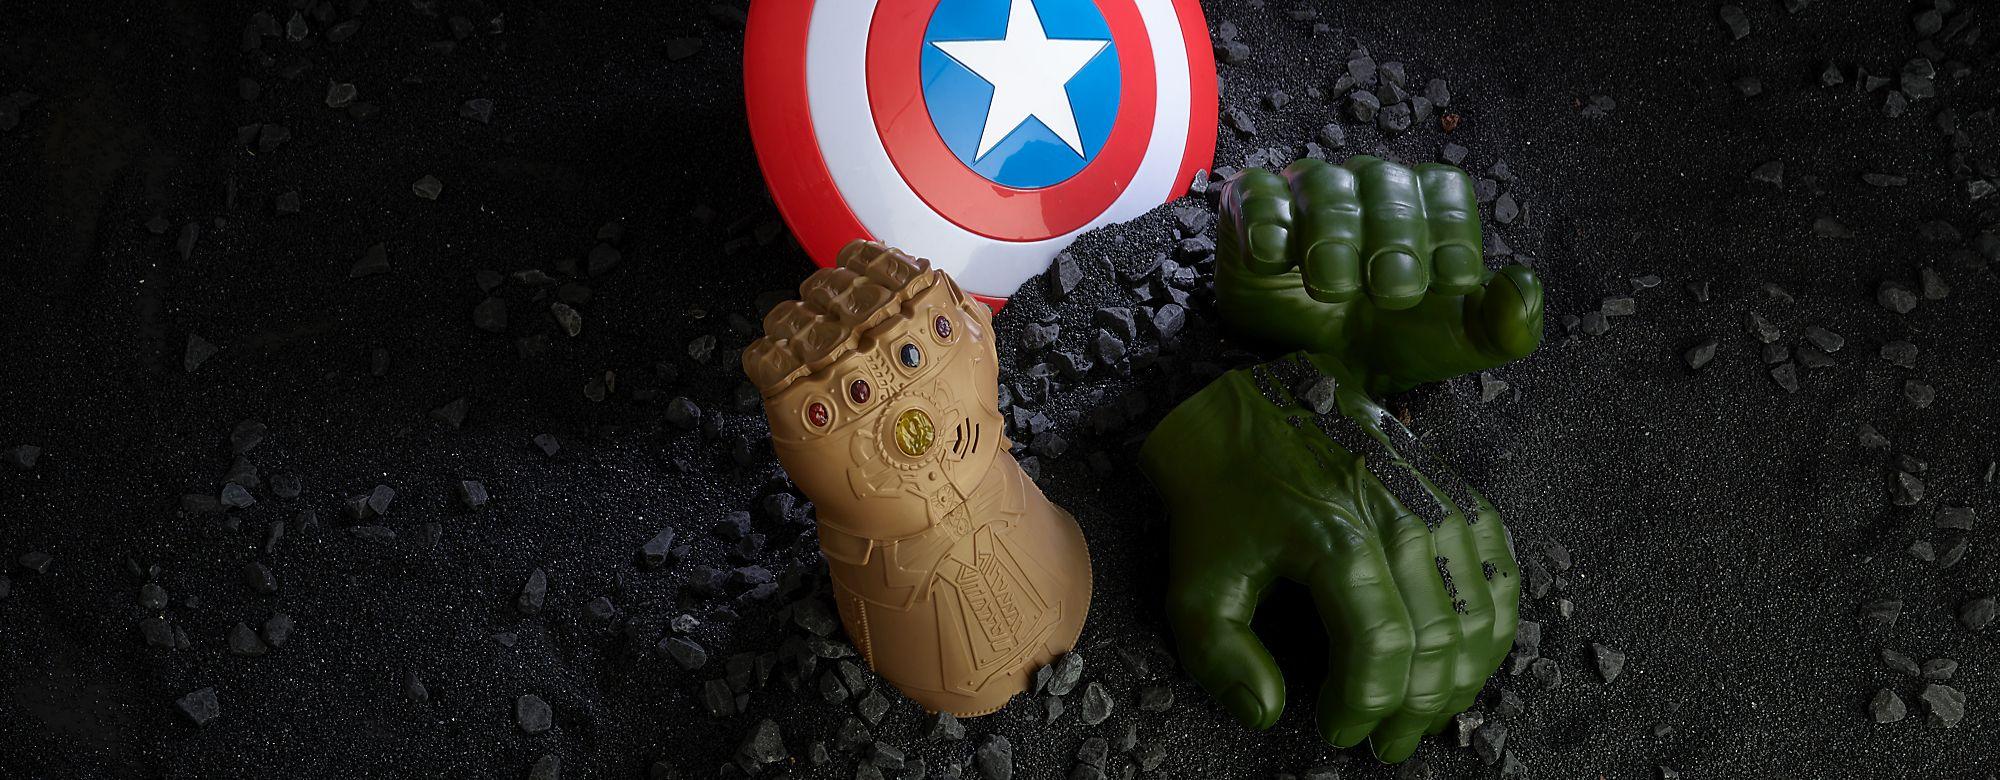 Marvel Sei fan dei personaggi Marvel? Scopri la nostra linea di prodotti esclusivi dedicati agli appassionati dell'Universo Marvel, tra cui giocattoli, costumi, abbigliamento e altro ancora SCOPRI DI PIÙ